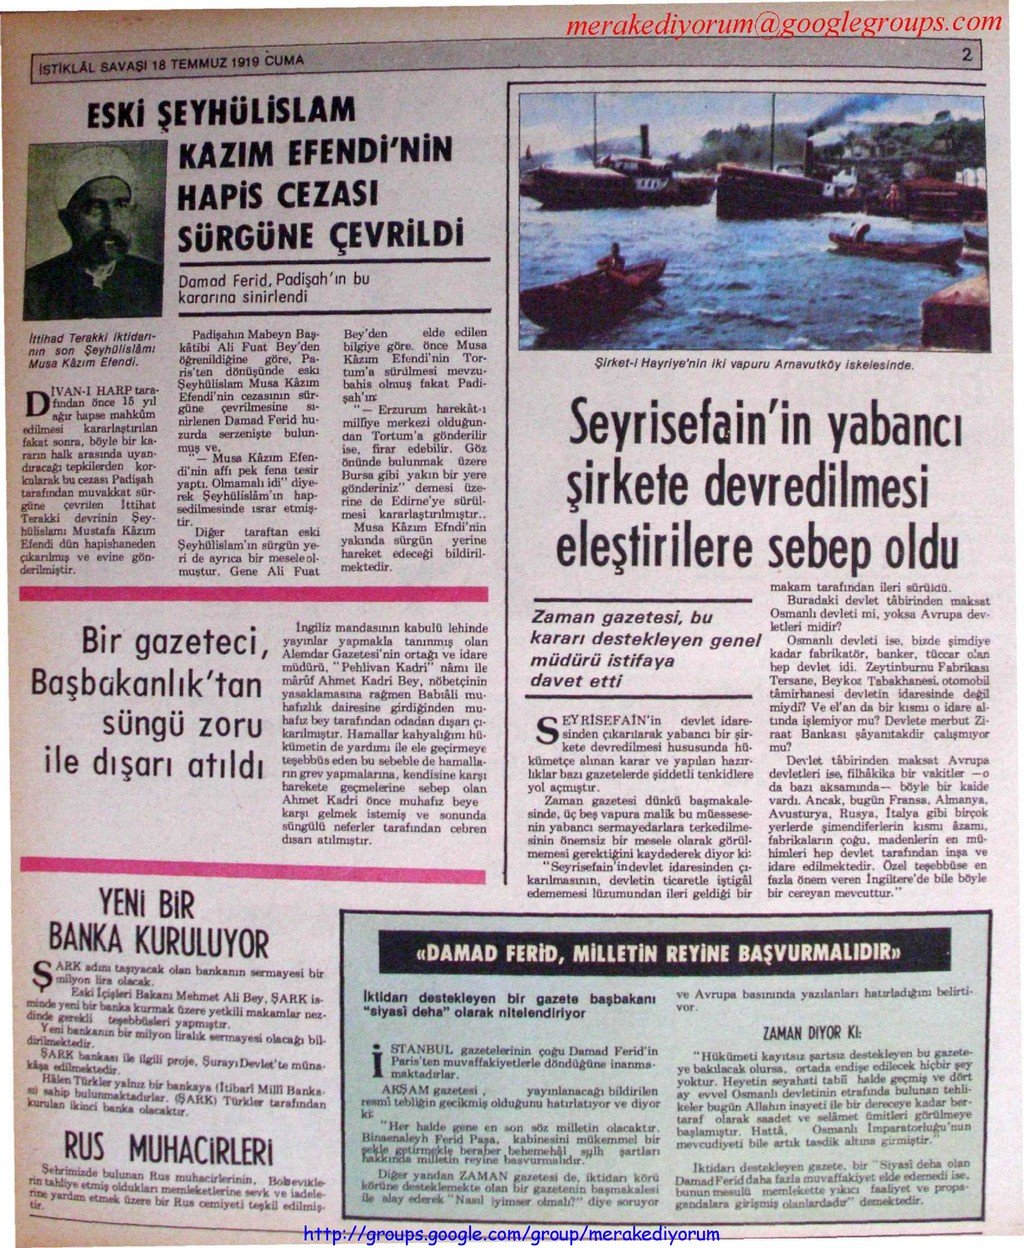 istiklal savaşı gazetesi - 18 temmuz 1919